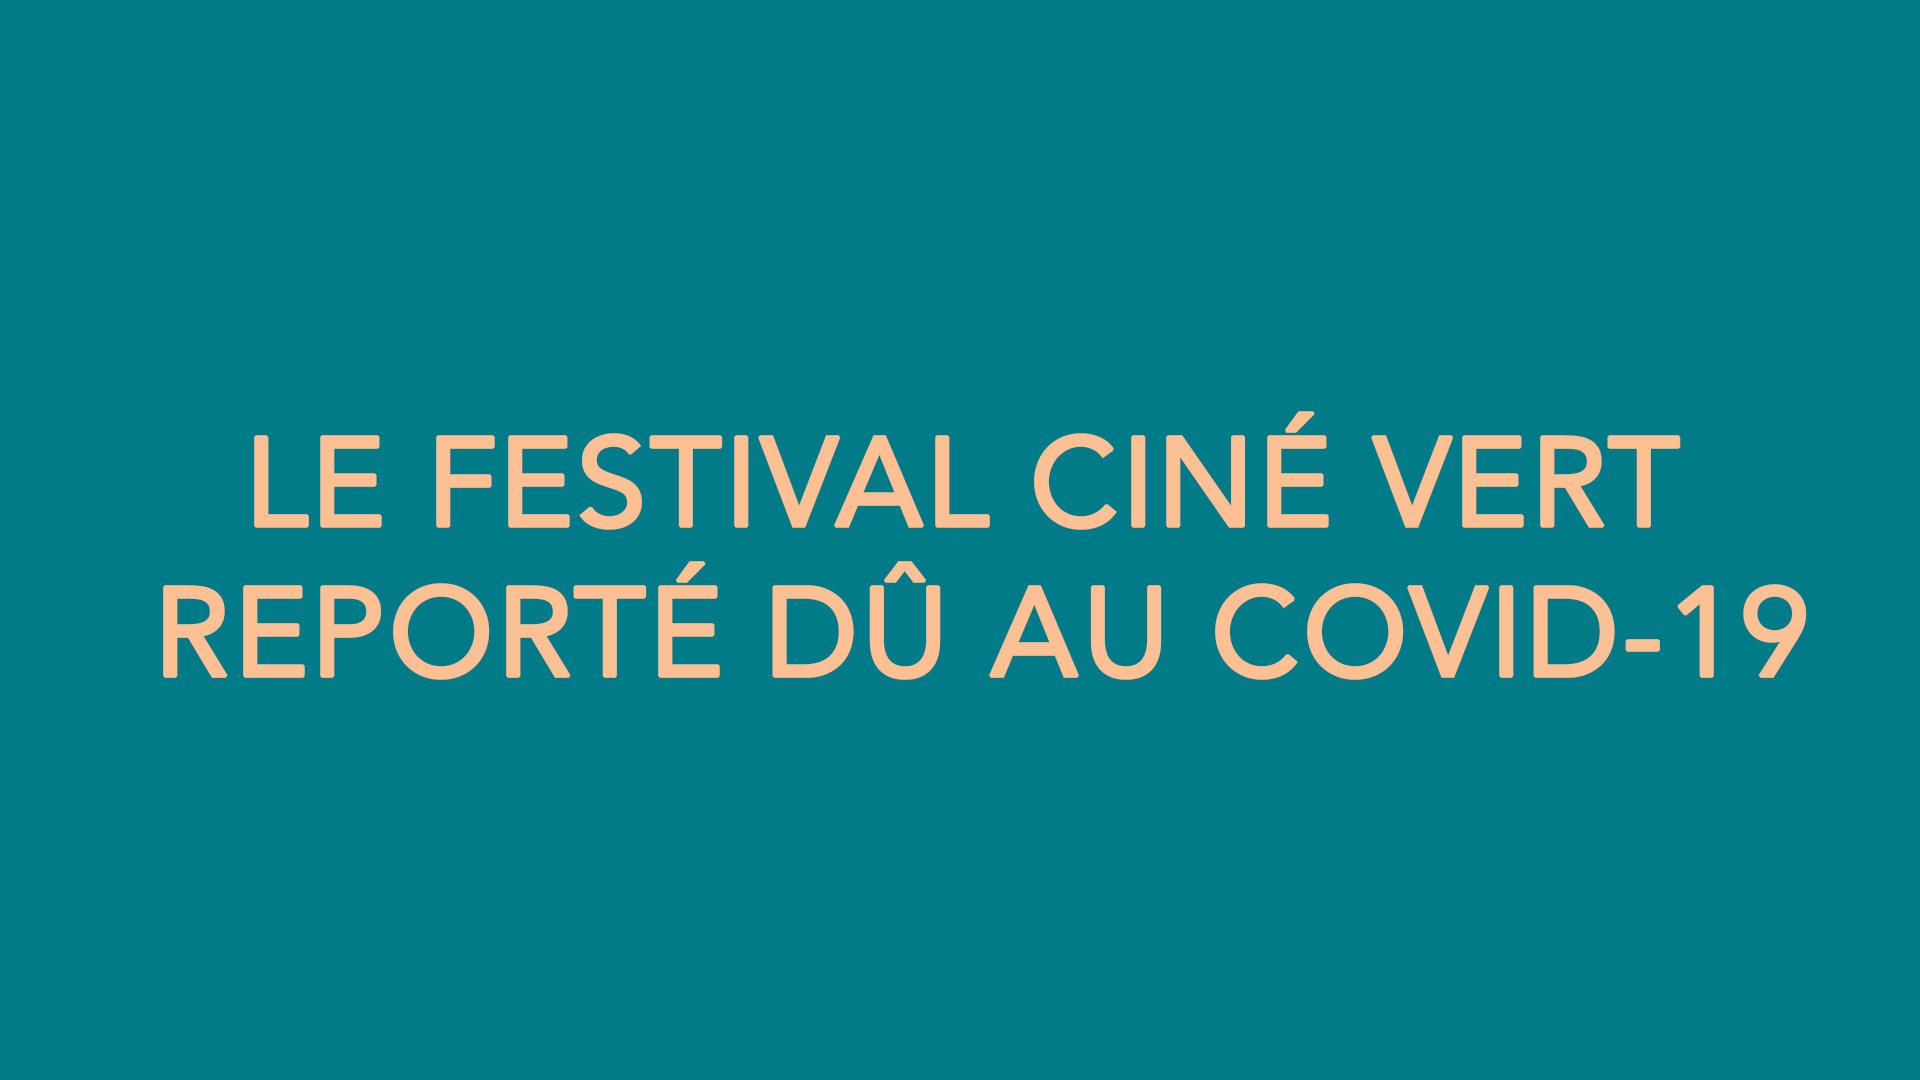 Le festival Ciné Vert reporté dû au COVID-19